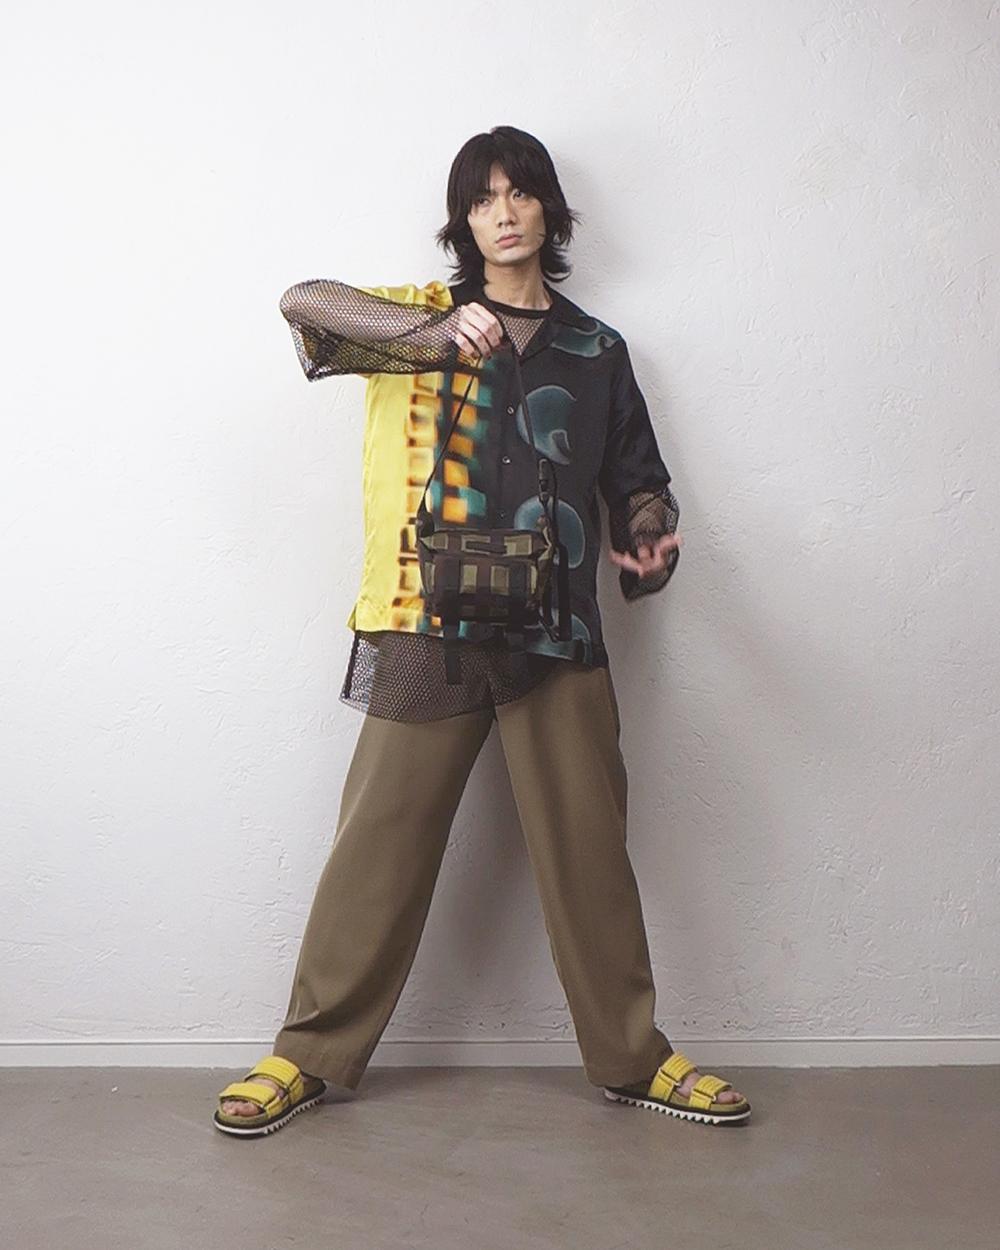 Ron Wan for JOYCE Spot Hong Kong Featuring Kika Vargas Womenswear